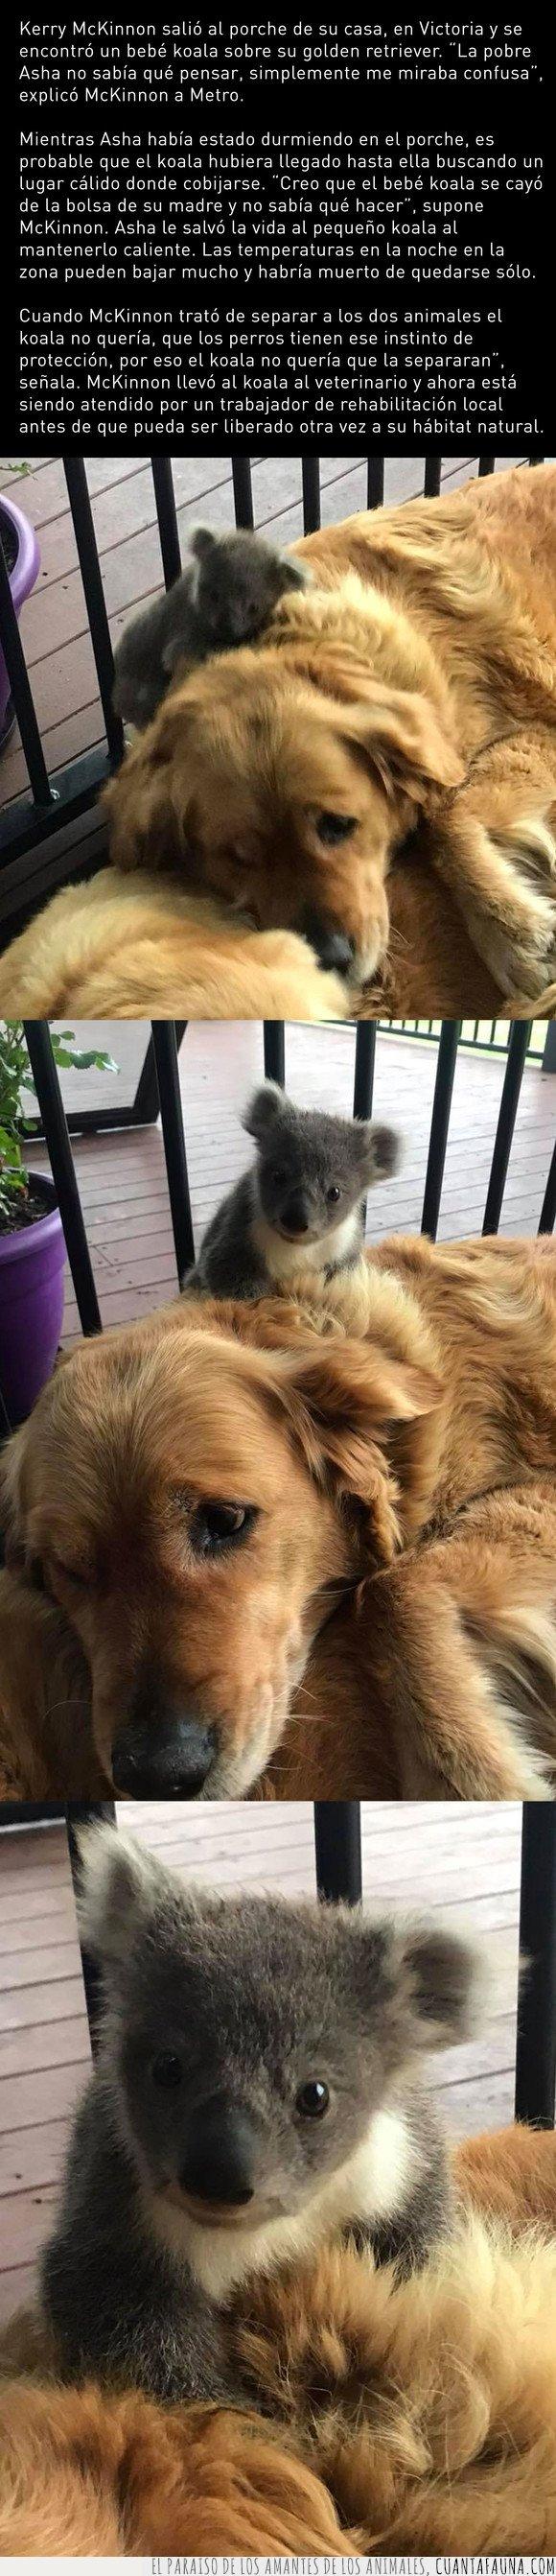 adoptar,dormir,koala,perro